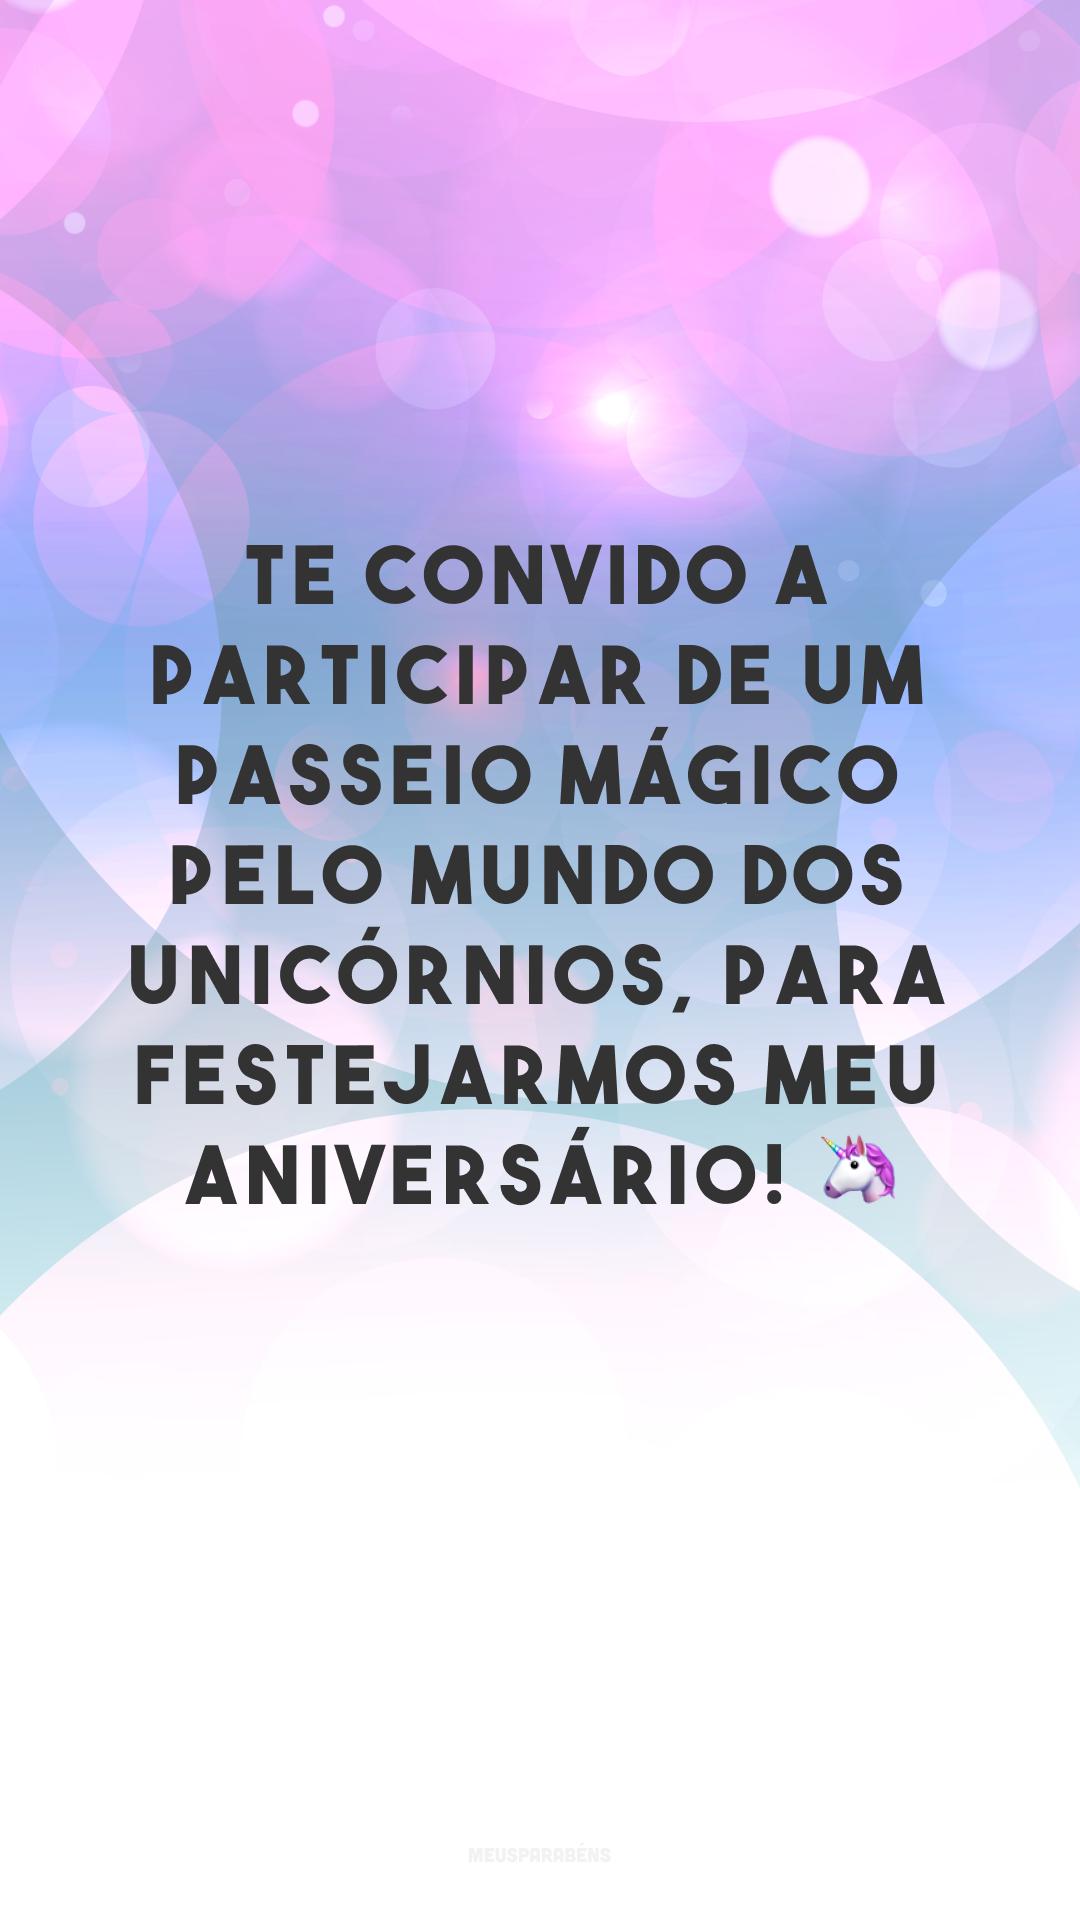 Te convido a participar de um passeio mágico pelo mundo dos unicórnios, para festejarmos meu aniversário! 🦄